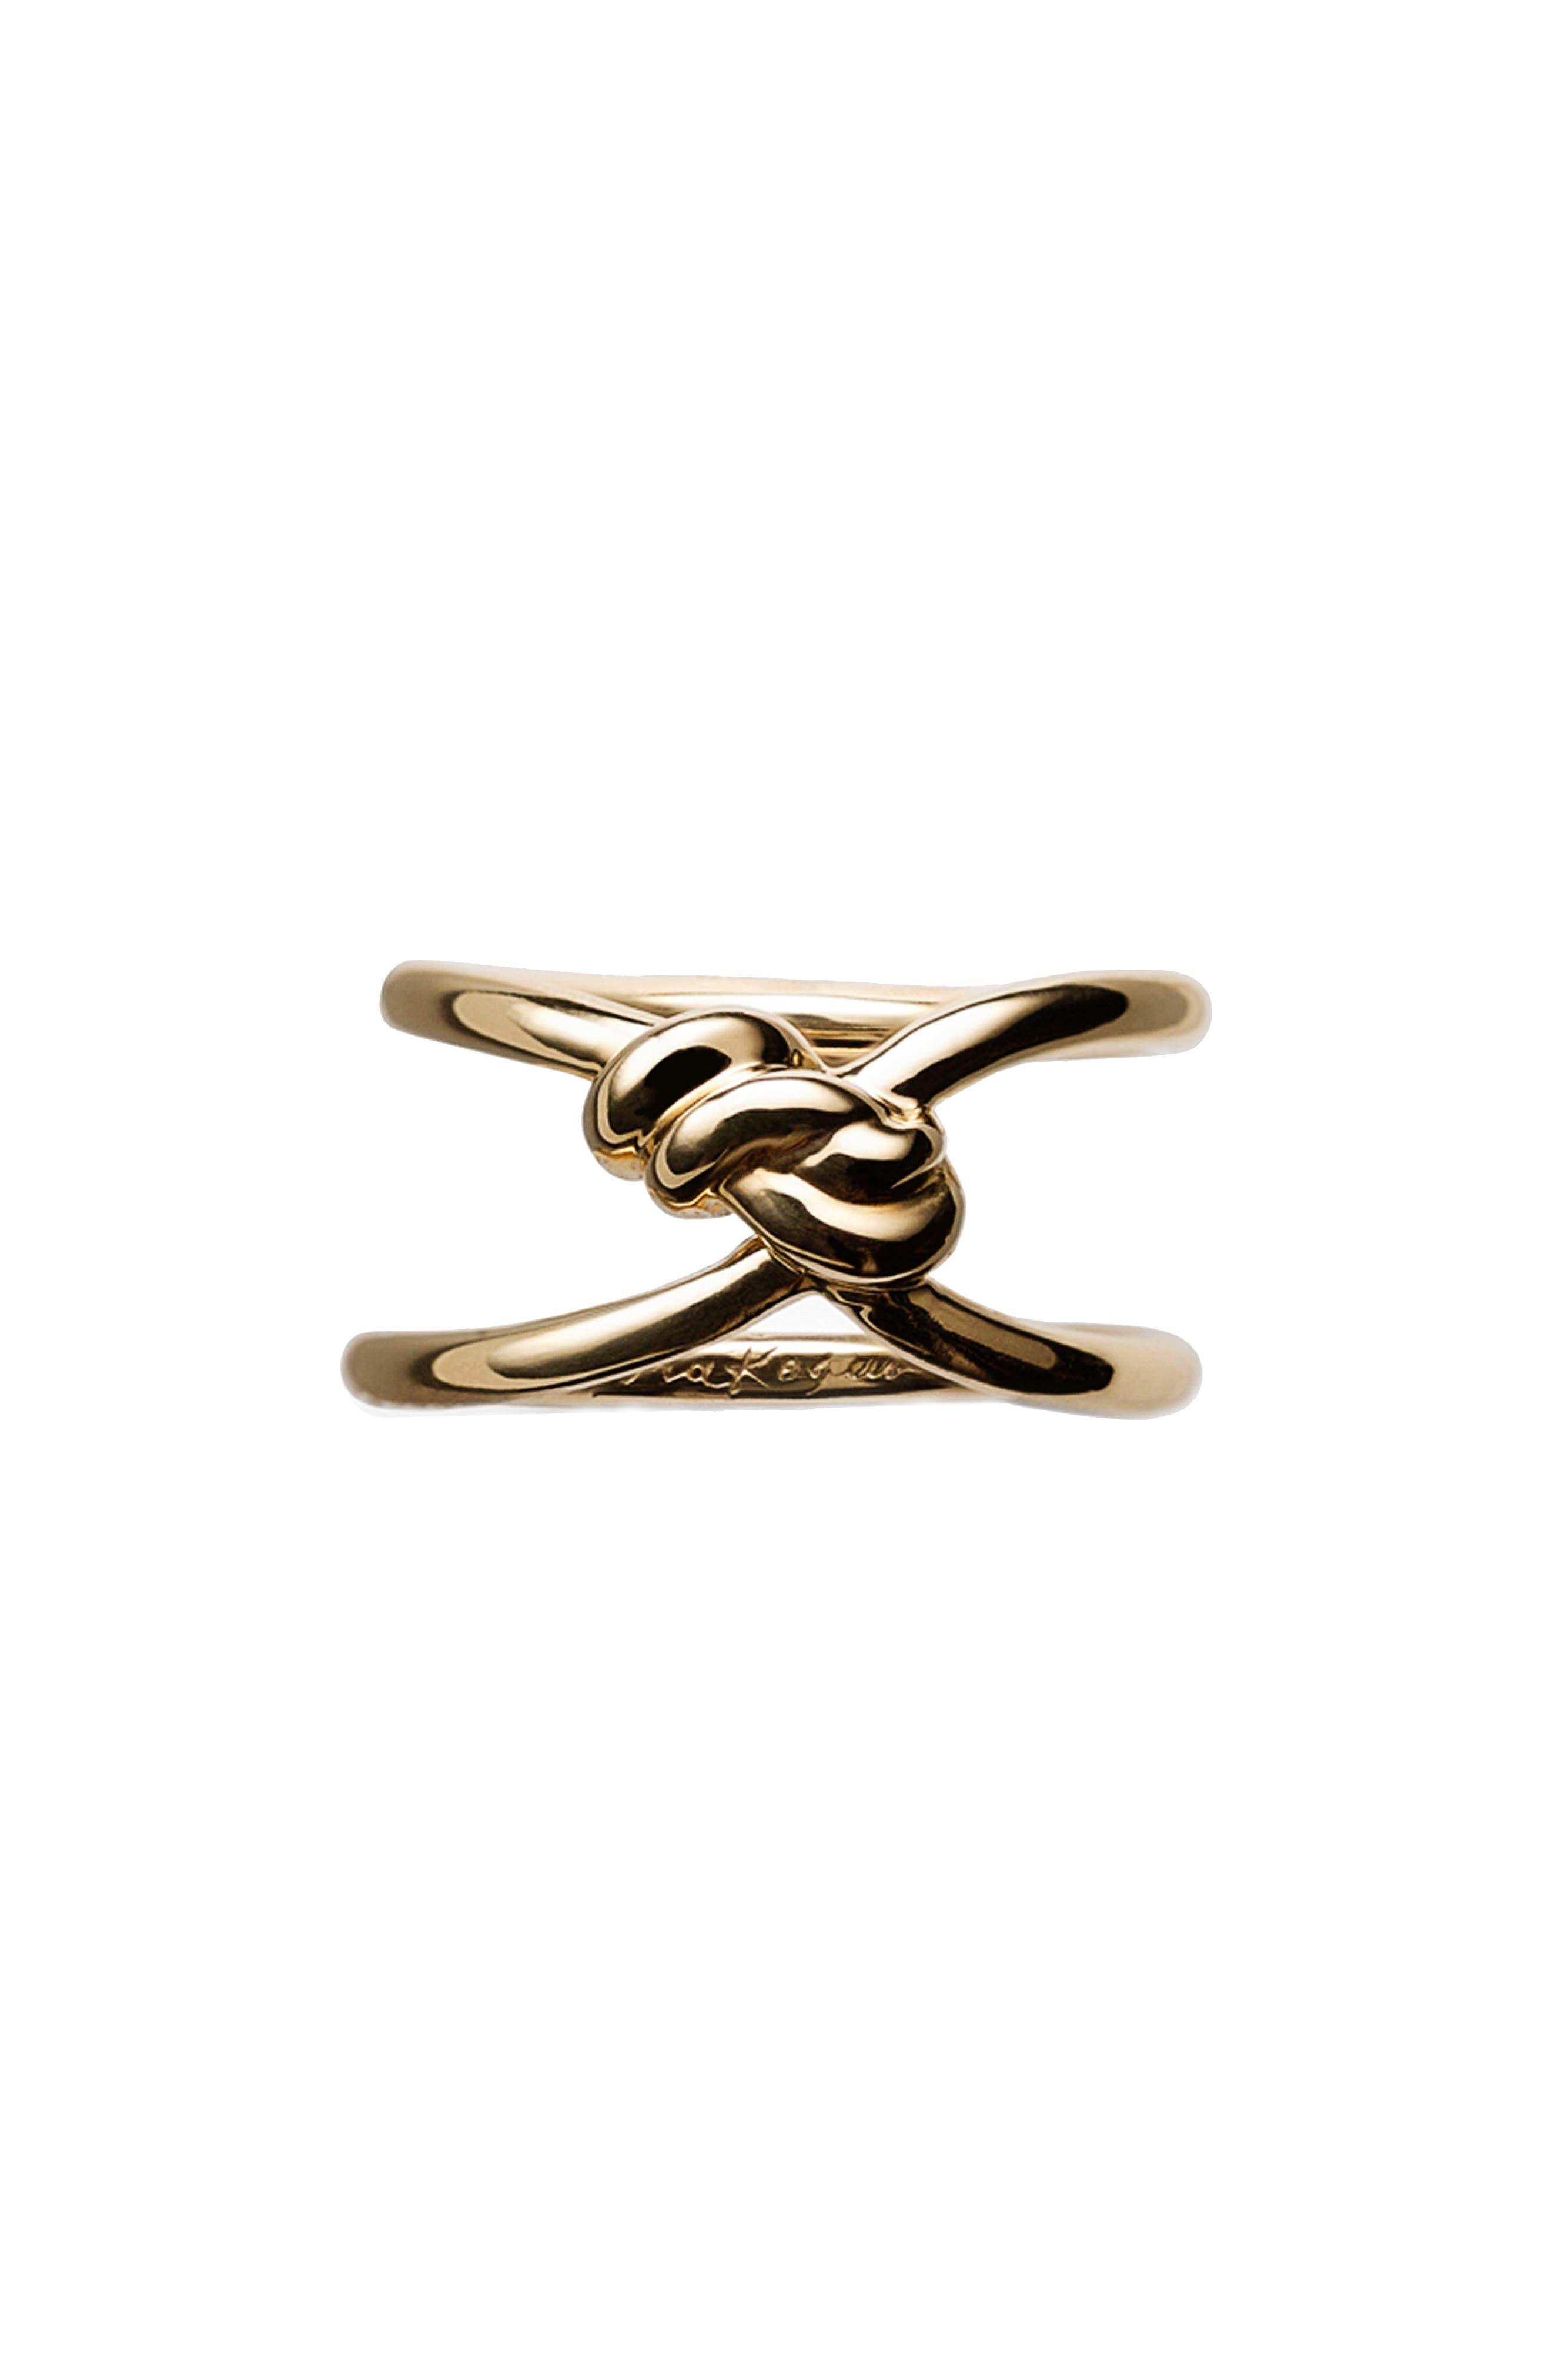 Nora Kogan Yuki Shibari Knot Ring